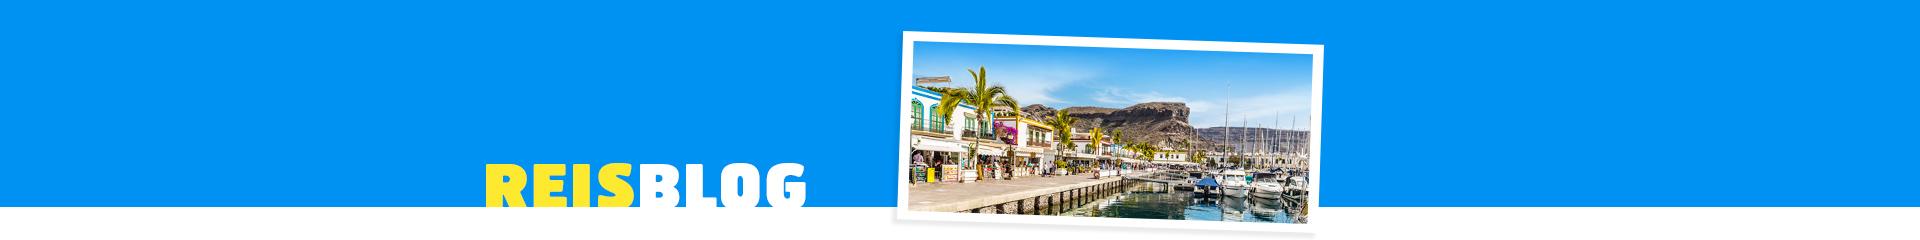 Boulevard, met palmbomen en een haven met bootjes in een haven